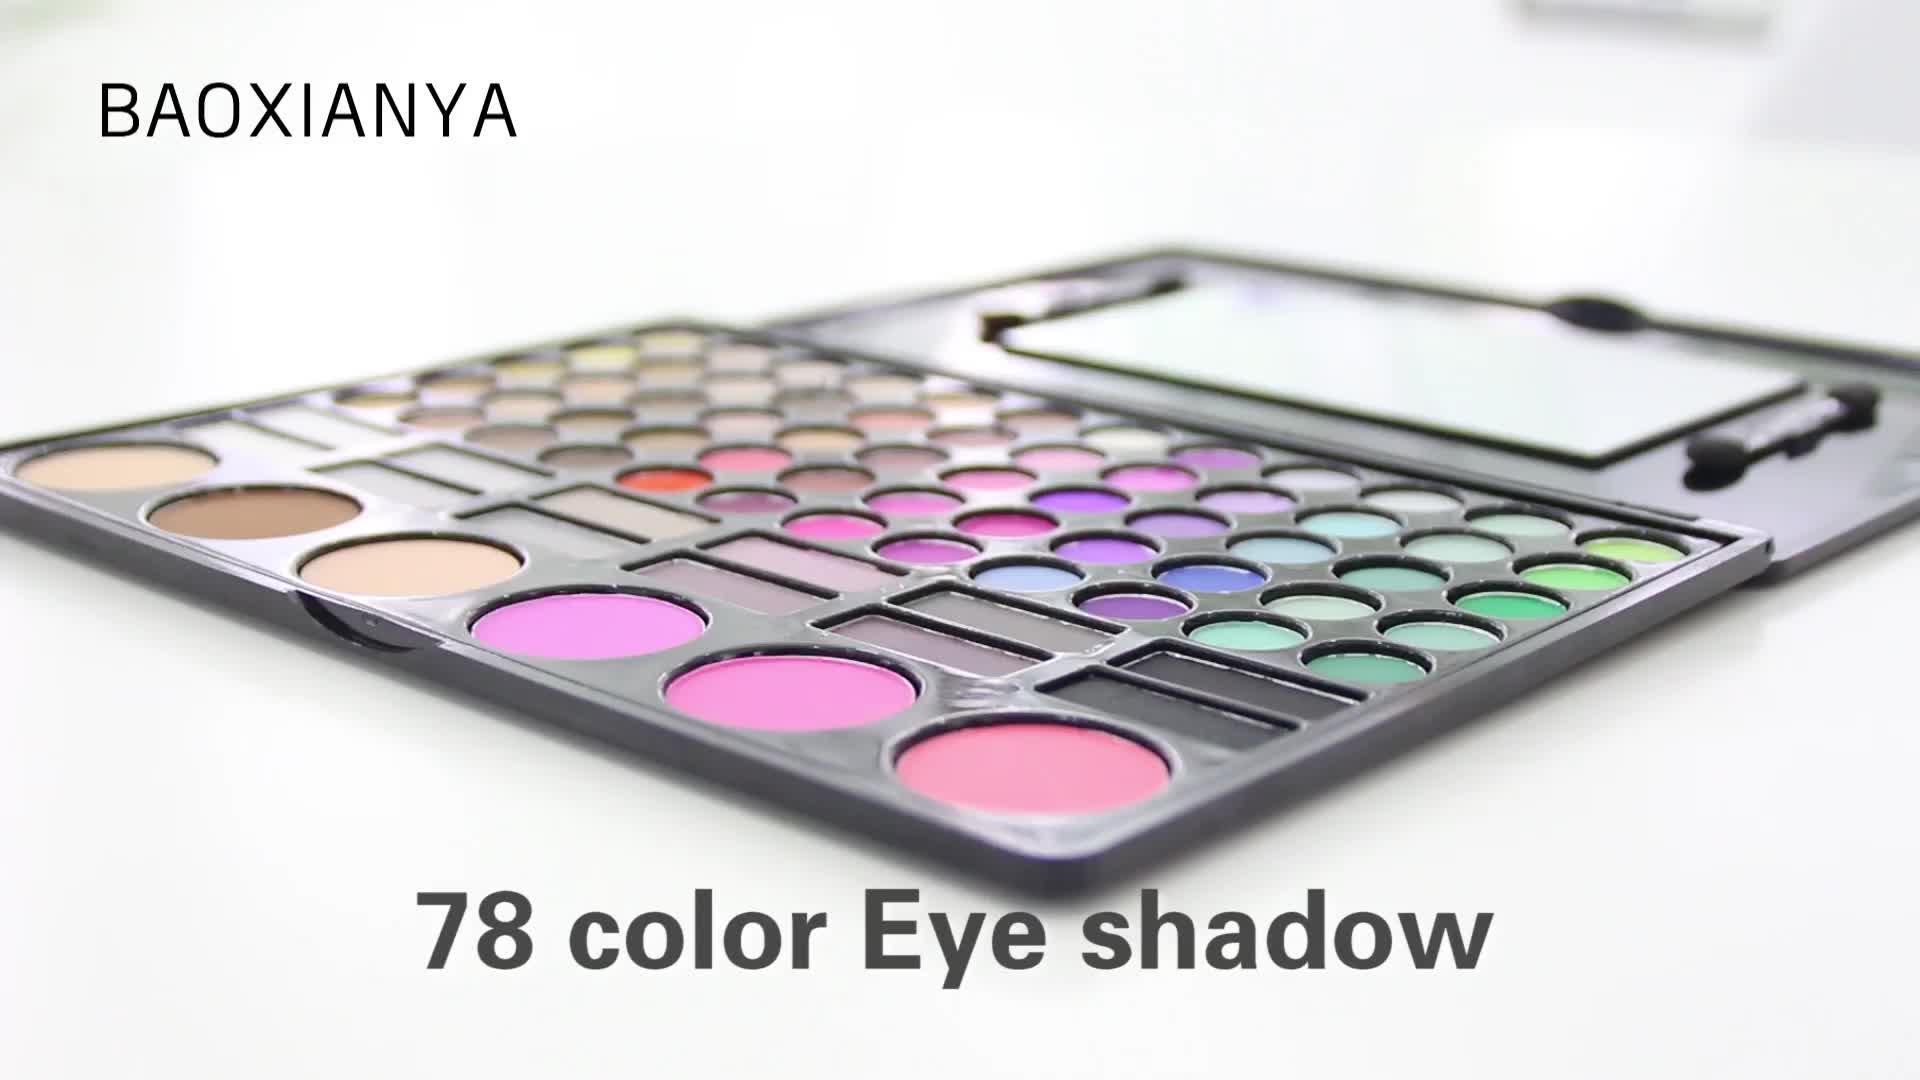 थोक OEM रंगीन कॉस्मेटिक प्राकृतिक मैट किट शक्की 78 रंग मेकअप आंखों के छायाएं पैलेट निजी लेबल कस्टम आंखों के छायाएं पैलेट